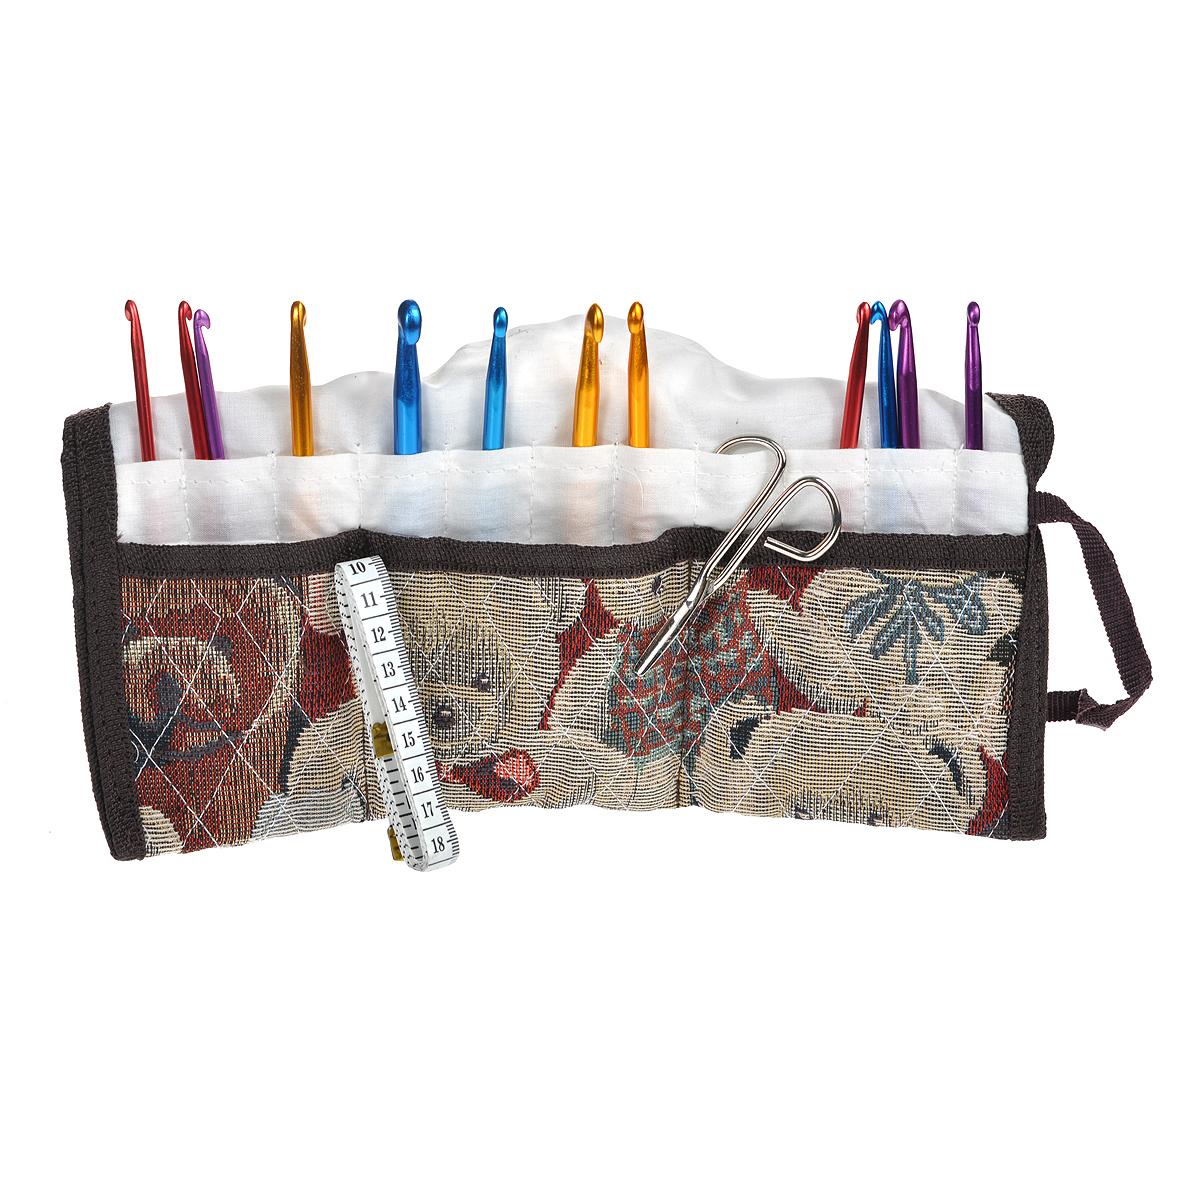 Набор крючков для вязания Bradex Мастерица, 15 предметовTD 0176Набор Bradex Мастерица состоит из 12 алюминиевых крючков (размером от 4 мм до 9 мм), что позволит вам использовать его для вязки различных предметов одежды (свитеров, жилетов, шапочек, перчаток) и всевозможных аксессуаров для дома (салфеток, пледов, ковриков, детских игрушек). Для вязания крючками из комплекта Мастерица подойдет любой вид пряжи - шерстяная, смешанная, хлопчатобумажная (лен, хлопок, вискоза), синтетическая (капрон, нейлон). Также в комплект входит сантиметр, ножницы и удобный текстильный чехол. Если вам нравится проводить свой досуг в занятиях рукоделием, то набор крючков Bradex Мастерица будет полезным в вашем доме! Комплектация: - крючок 9 мм, - крючок 8 мм, - крючок 7 мм: 2 шт, - крючок 6 мм: 2 шт, - крючок 5 мм: 3 шт, - крючок 4,5 мм, - крючок 4 мм, - ножницы, - длина ножниц: 7,5 см, - сантиметр, - чехол.